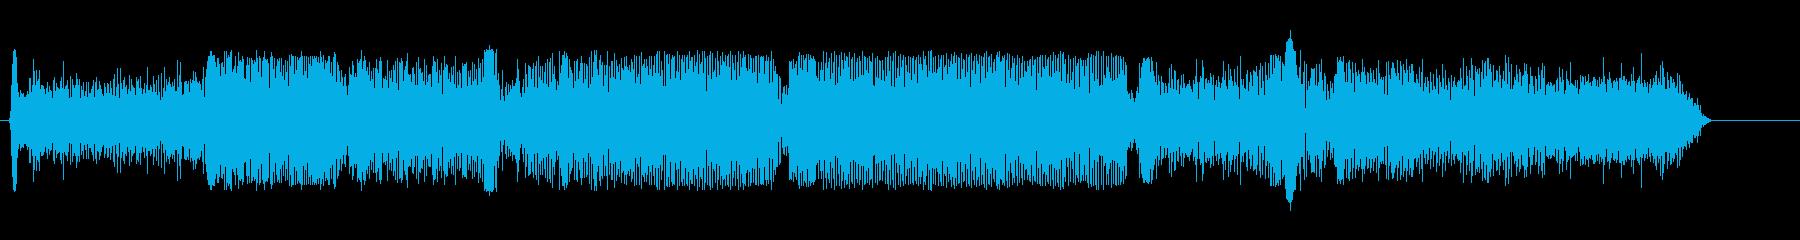 ドラッグスター;アイドル/回転、2...の再生済みの波形